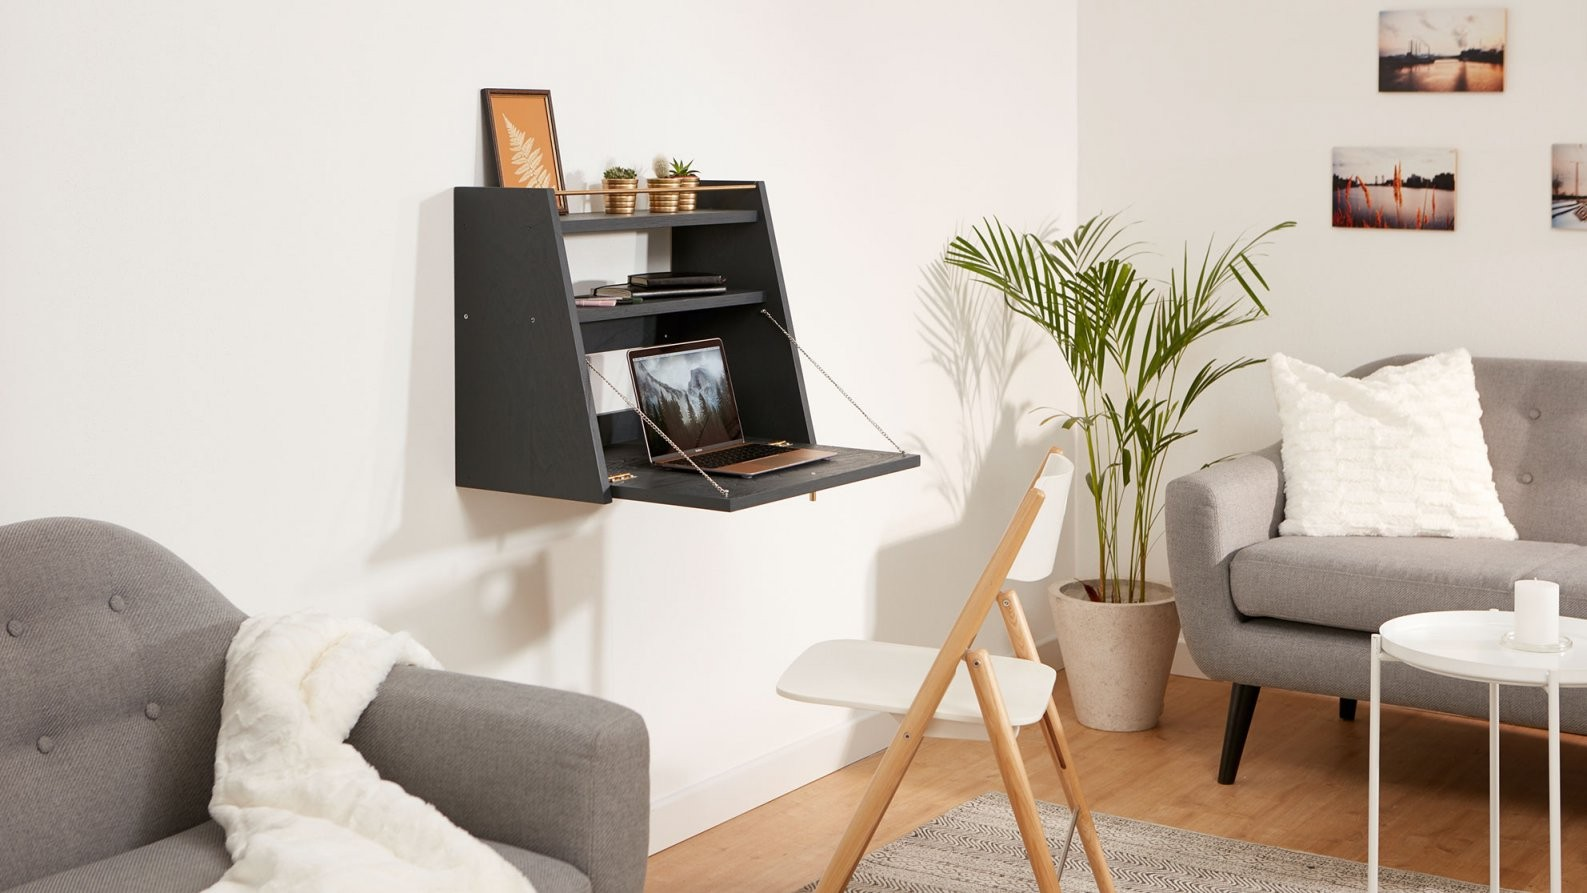 Ideal Für Kleine Räume Der Klappbare Schreibtisch Für Die Wand von Kleine Schreibtische Für Wenig Platz Bild